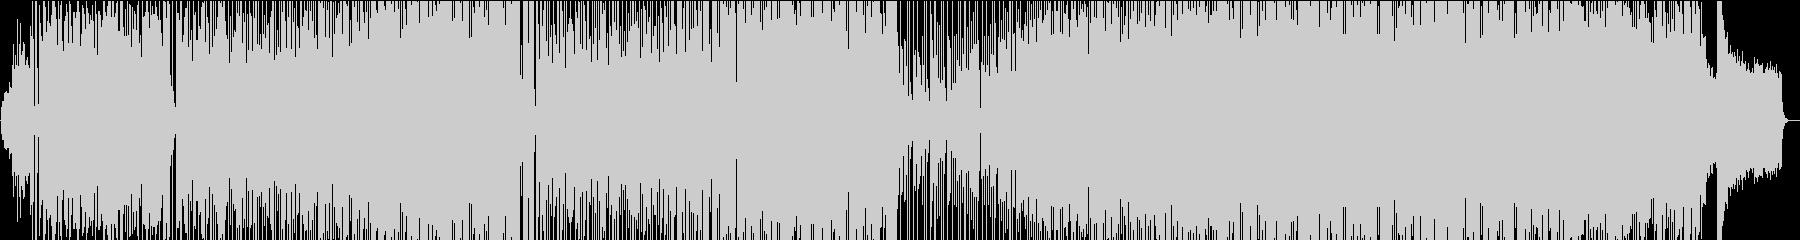 祝福感あるポップでカラフルなBGMの未再生の波形